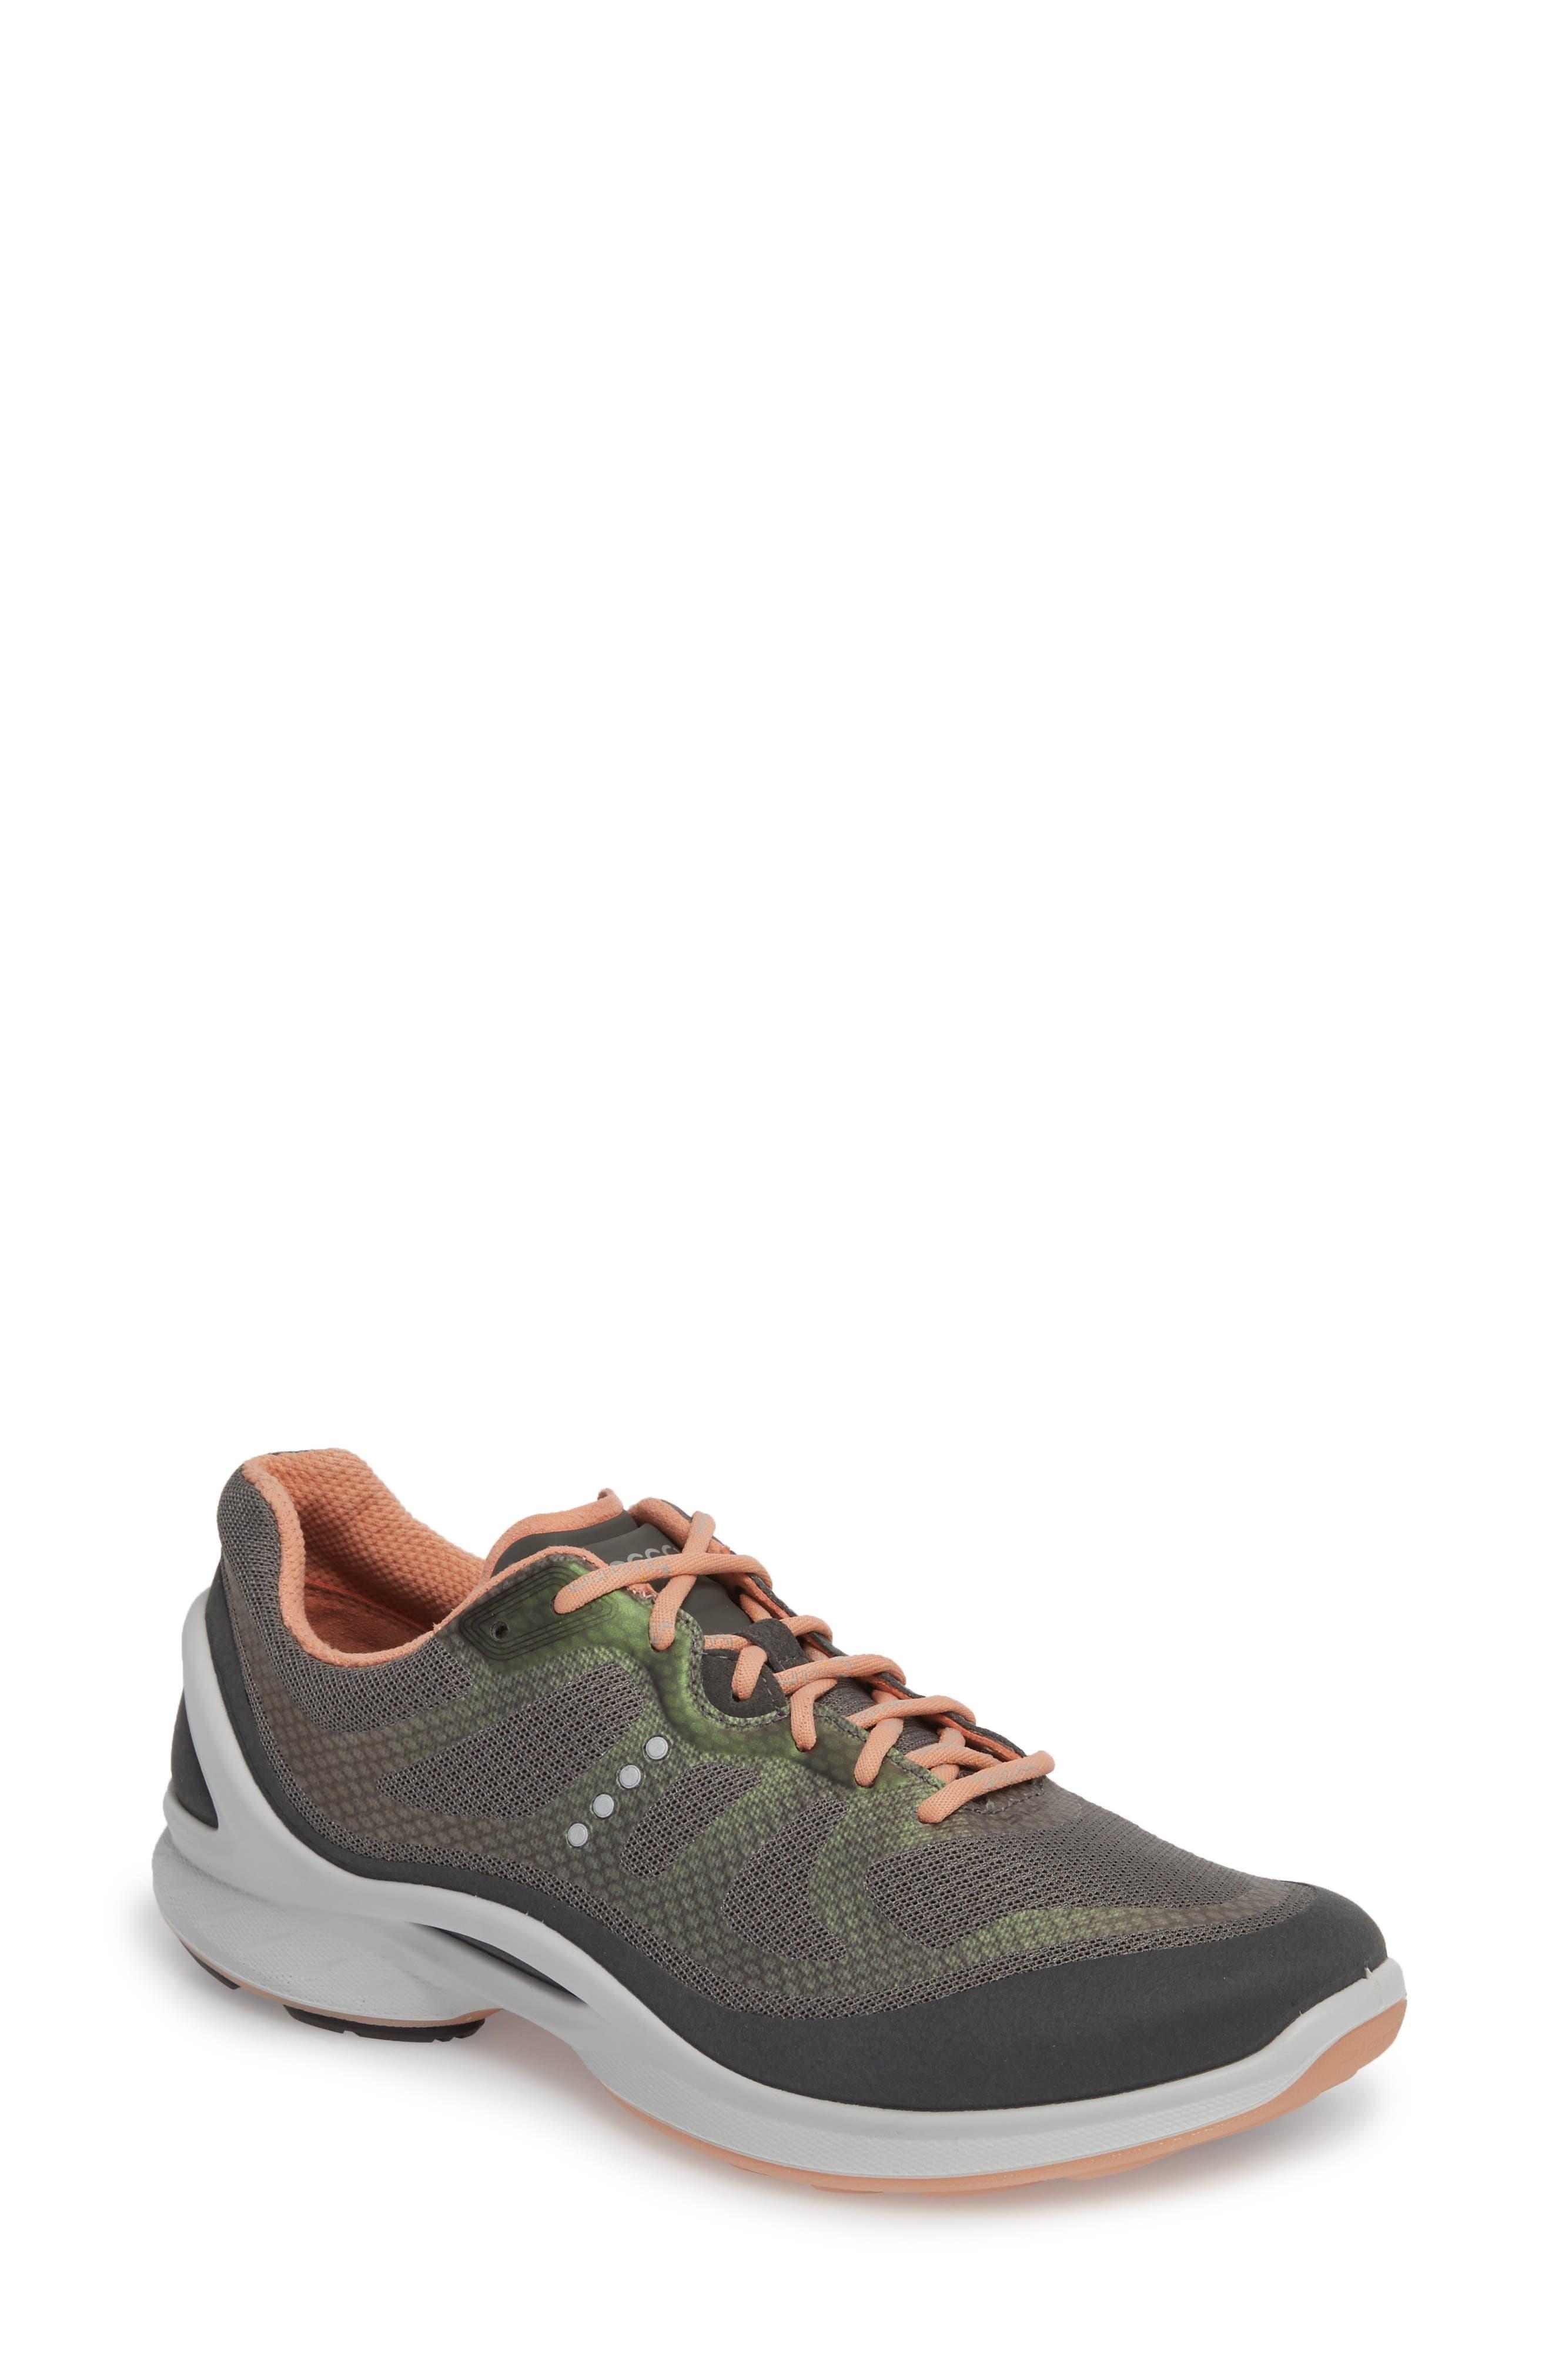 Ecco Biom Fjuel Tie Sneaker, Grey